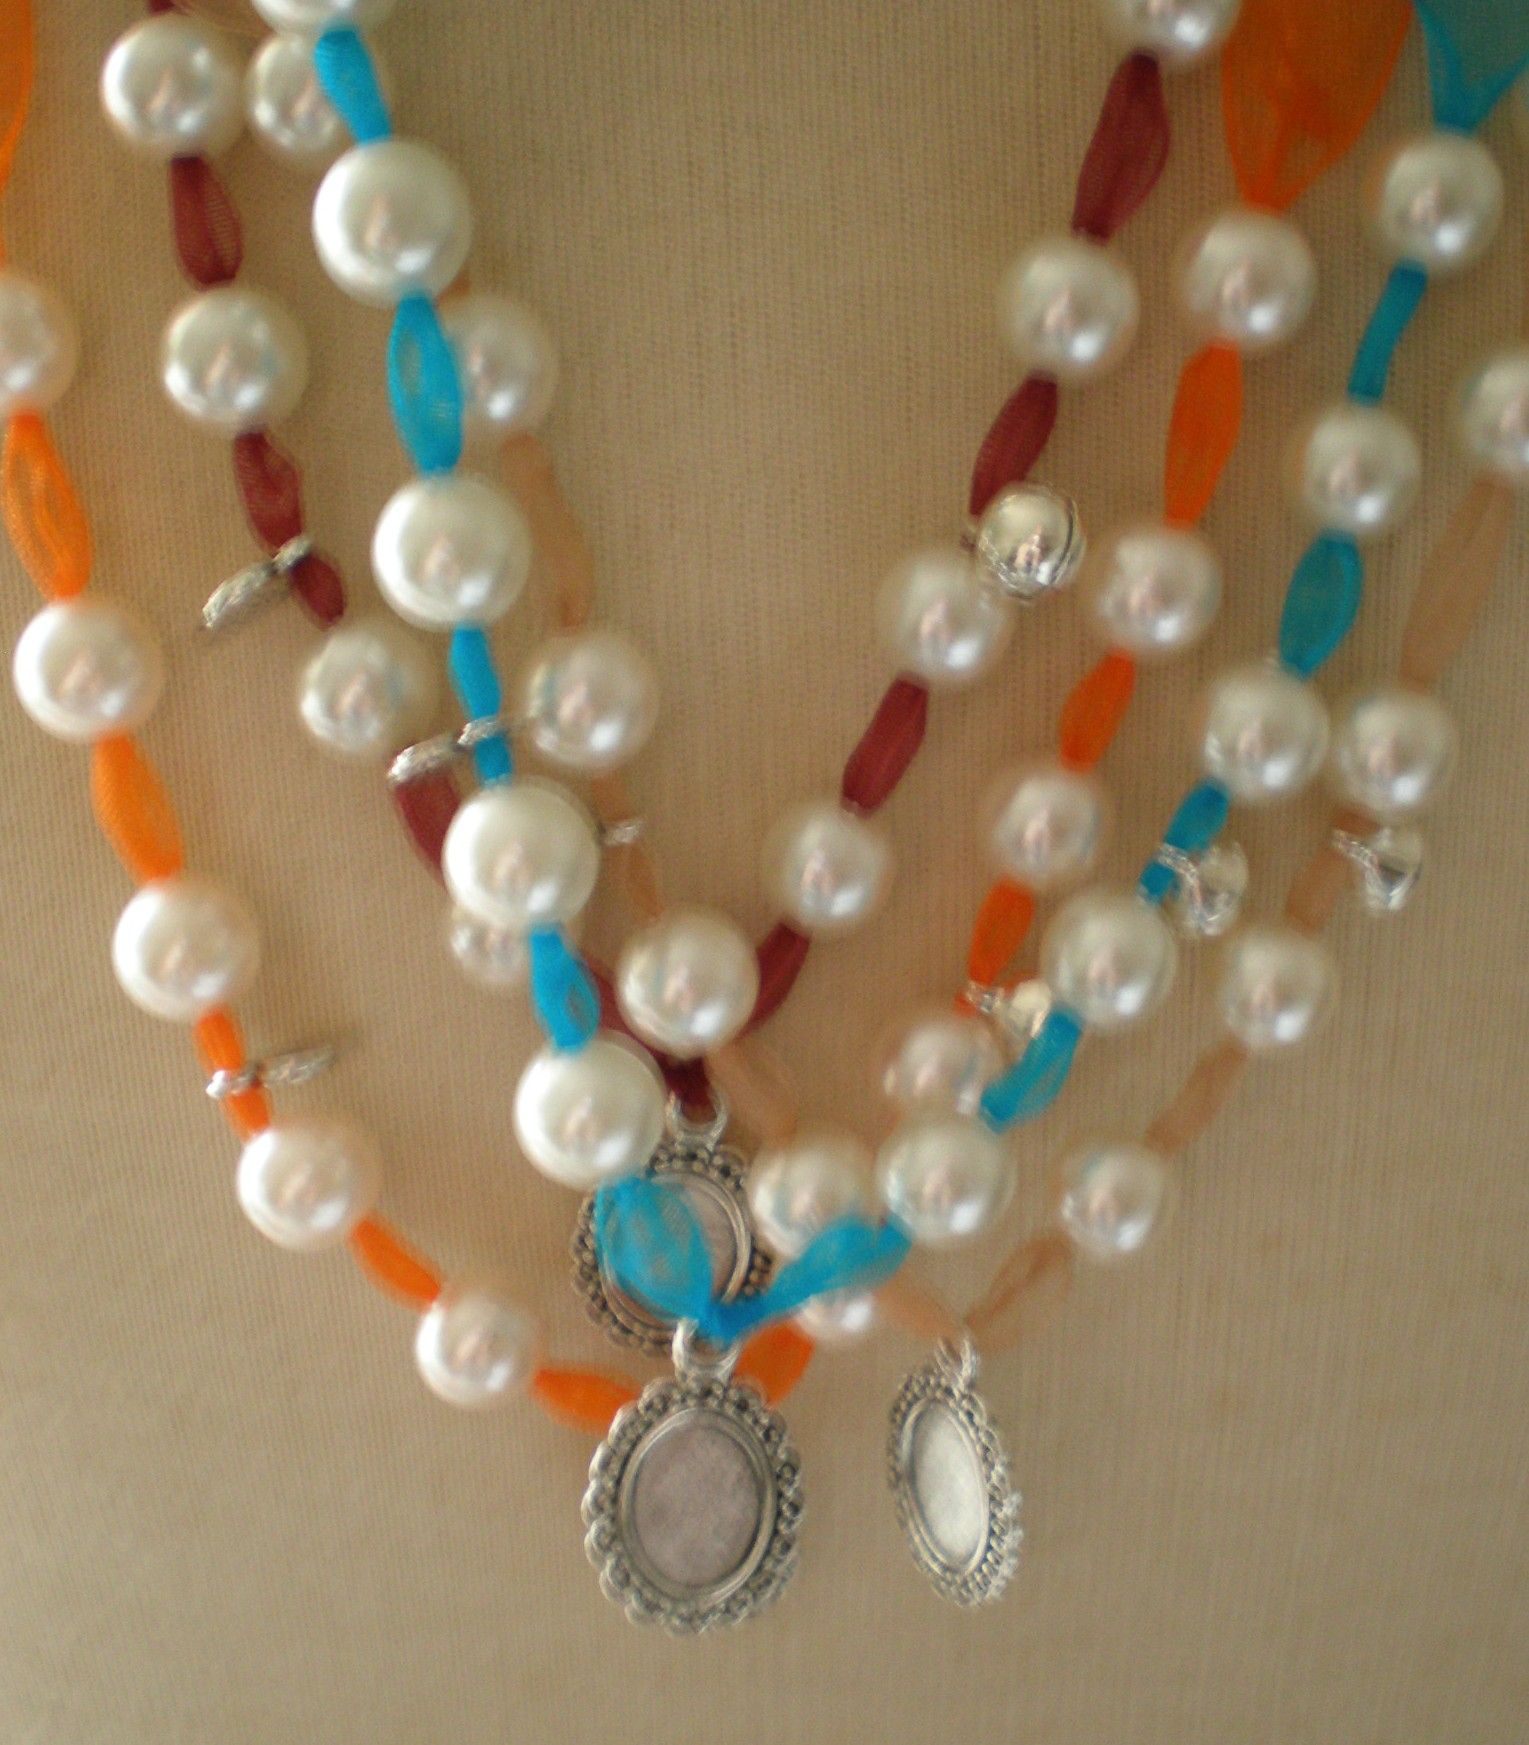 Colares ANA    Colares compridos 42 cm    Há em todas as cores      10€  http://www.facebook.com/pages/S%C3%A3o-P%C3%A9rolas/110271645754601